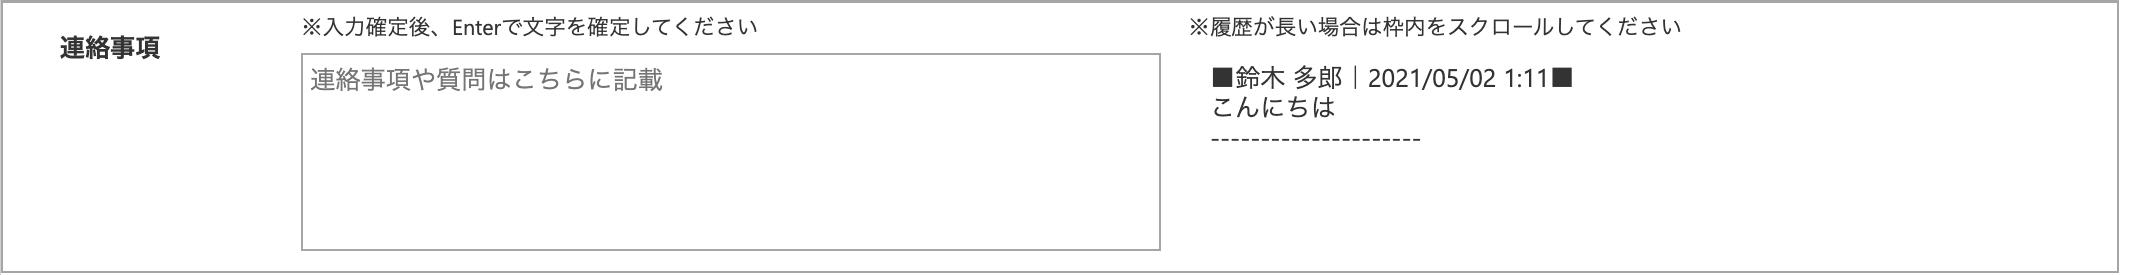 スクリーンショット 2021-05-02 1.35.20.png